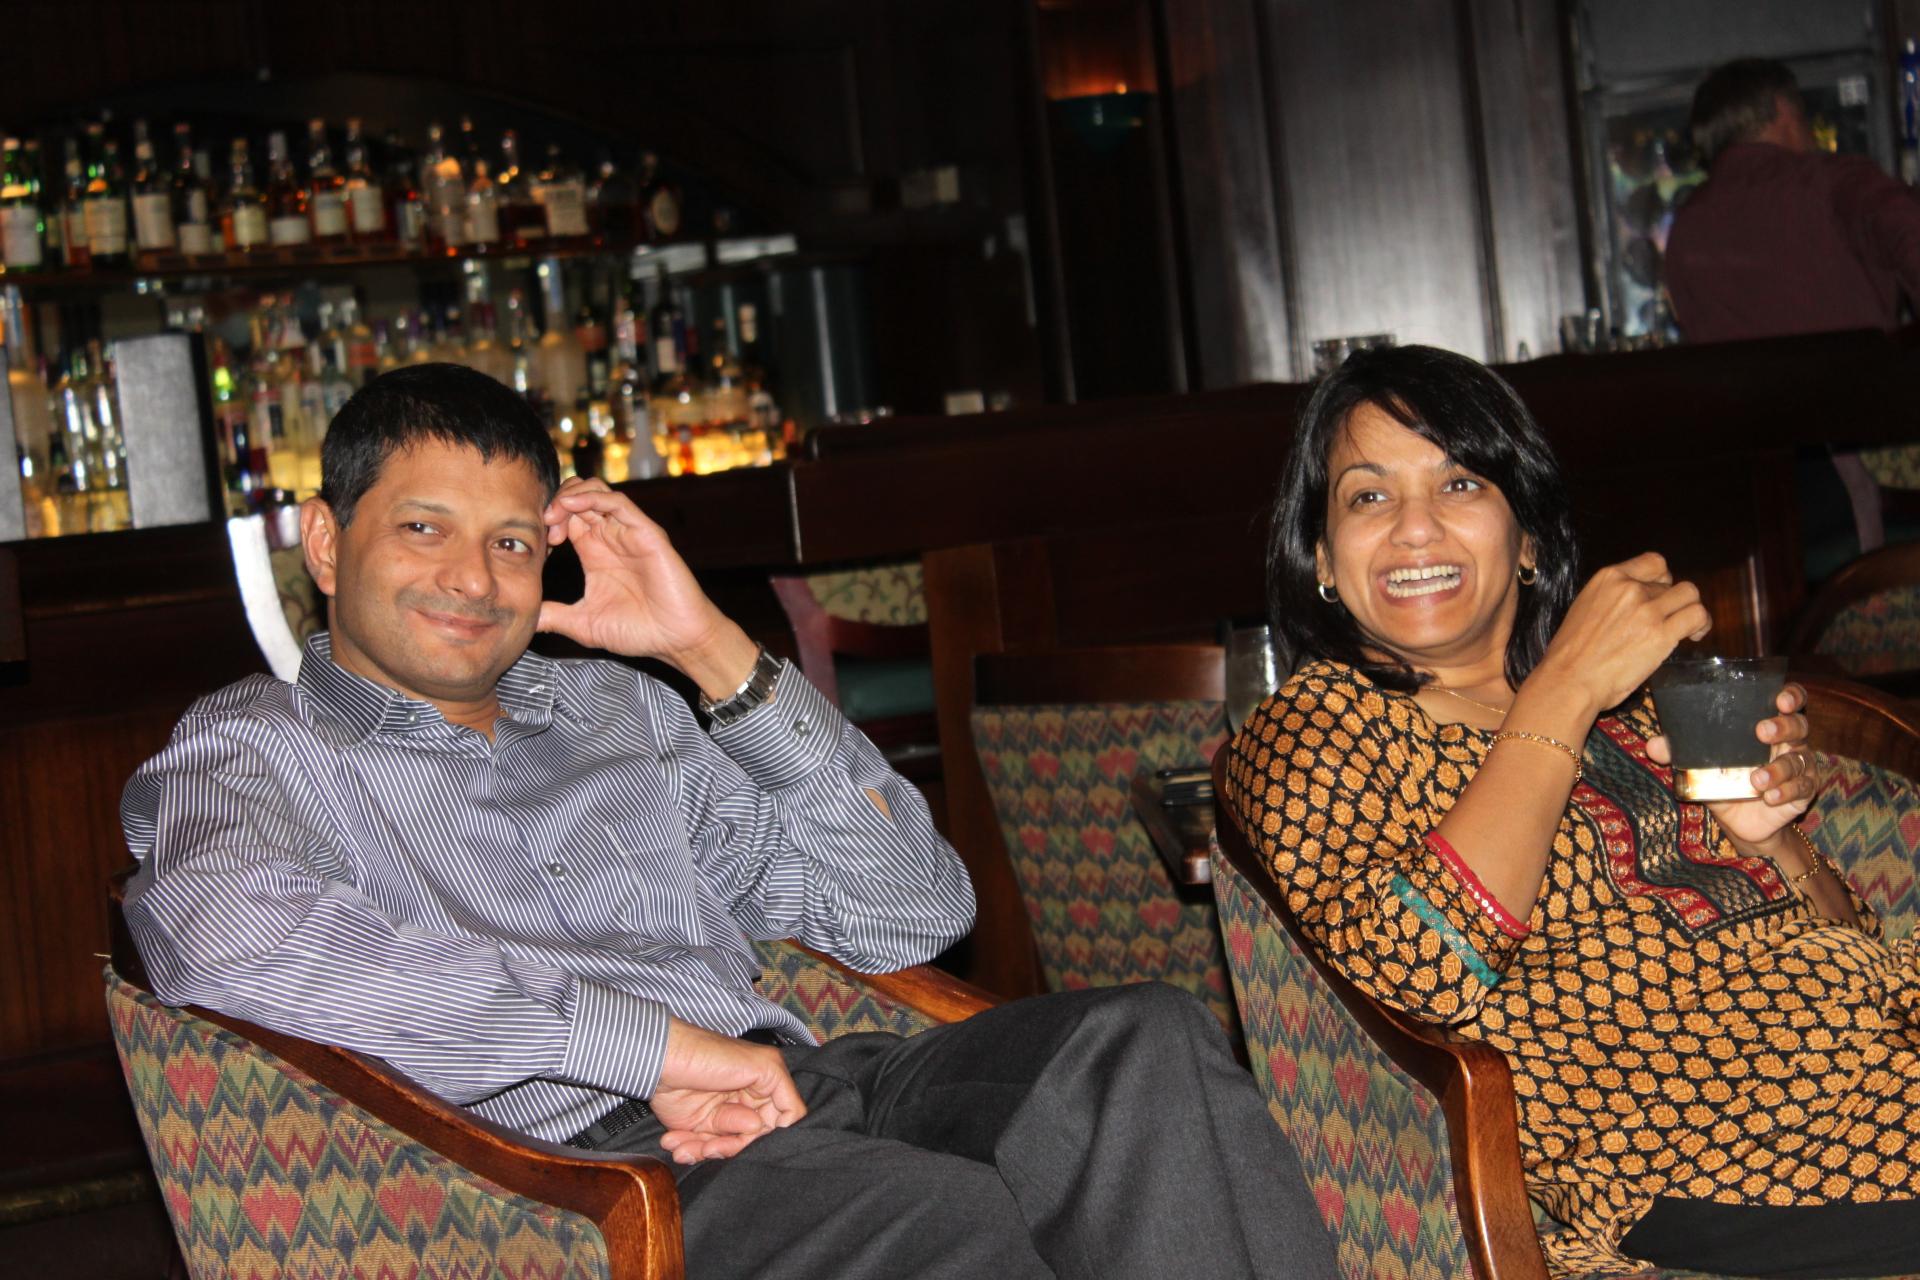 Vincent and Priya